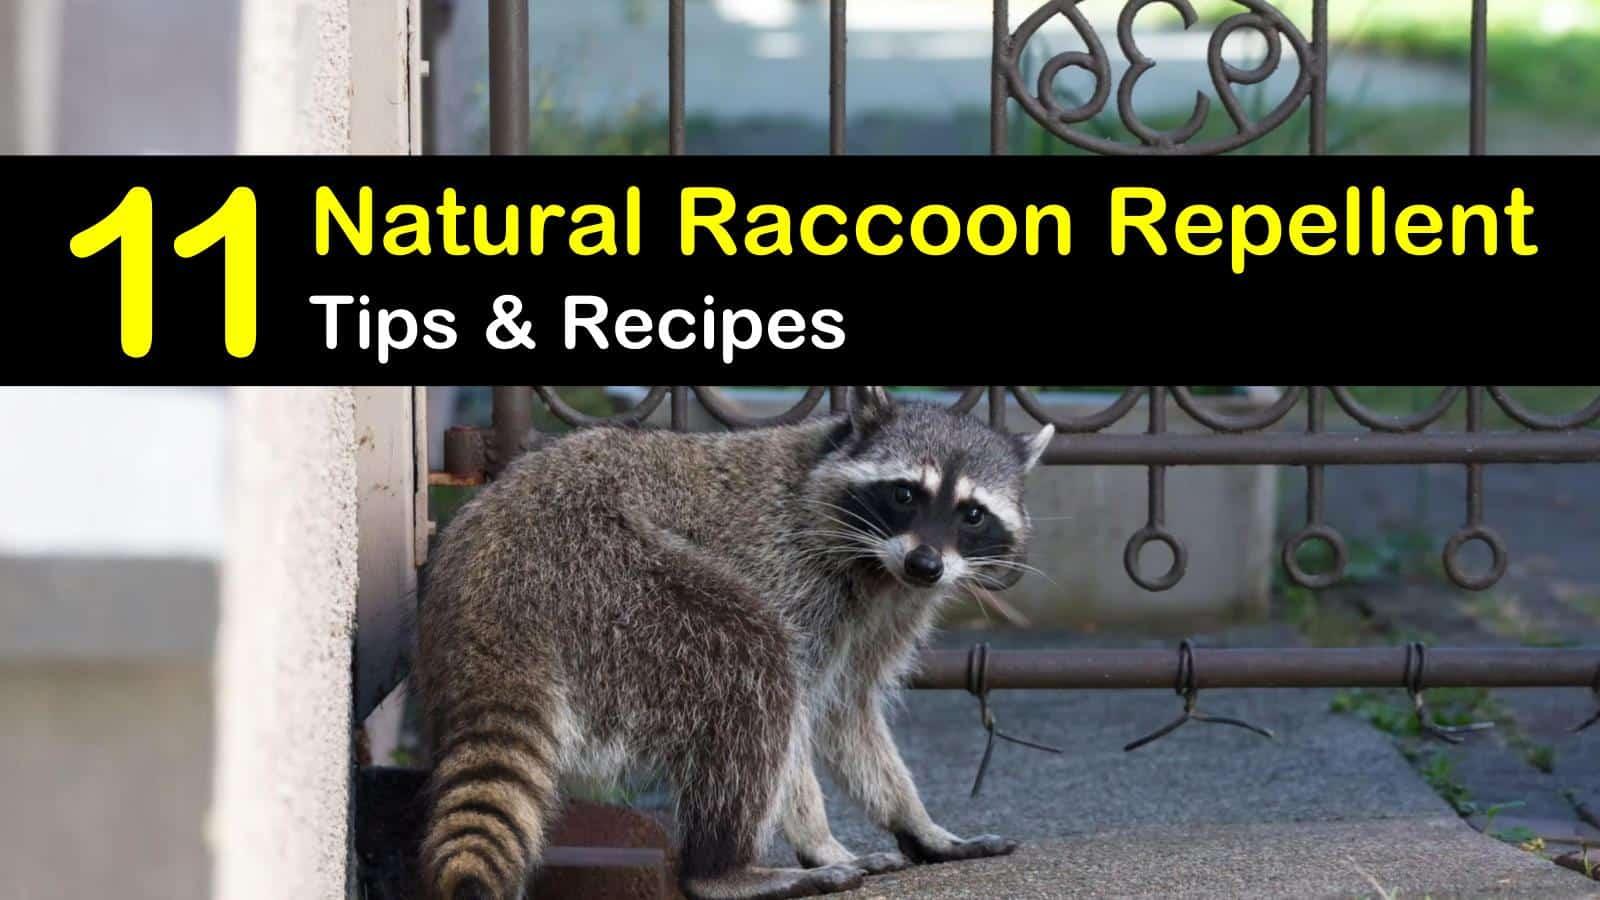 natural raccoon repellent titleimg1